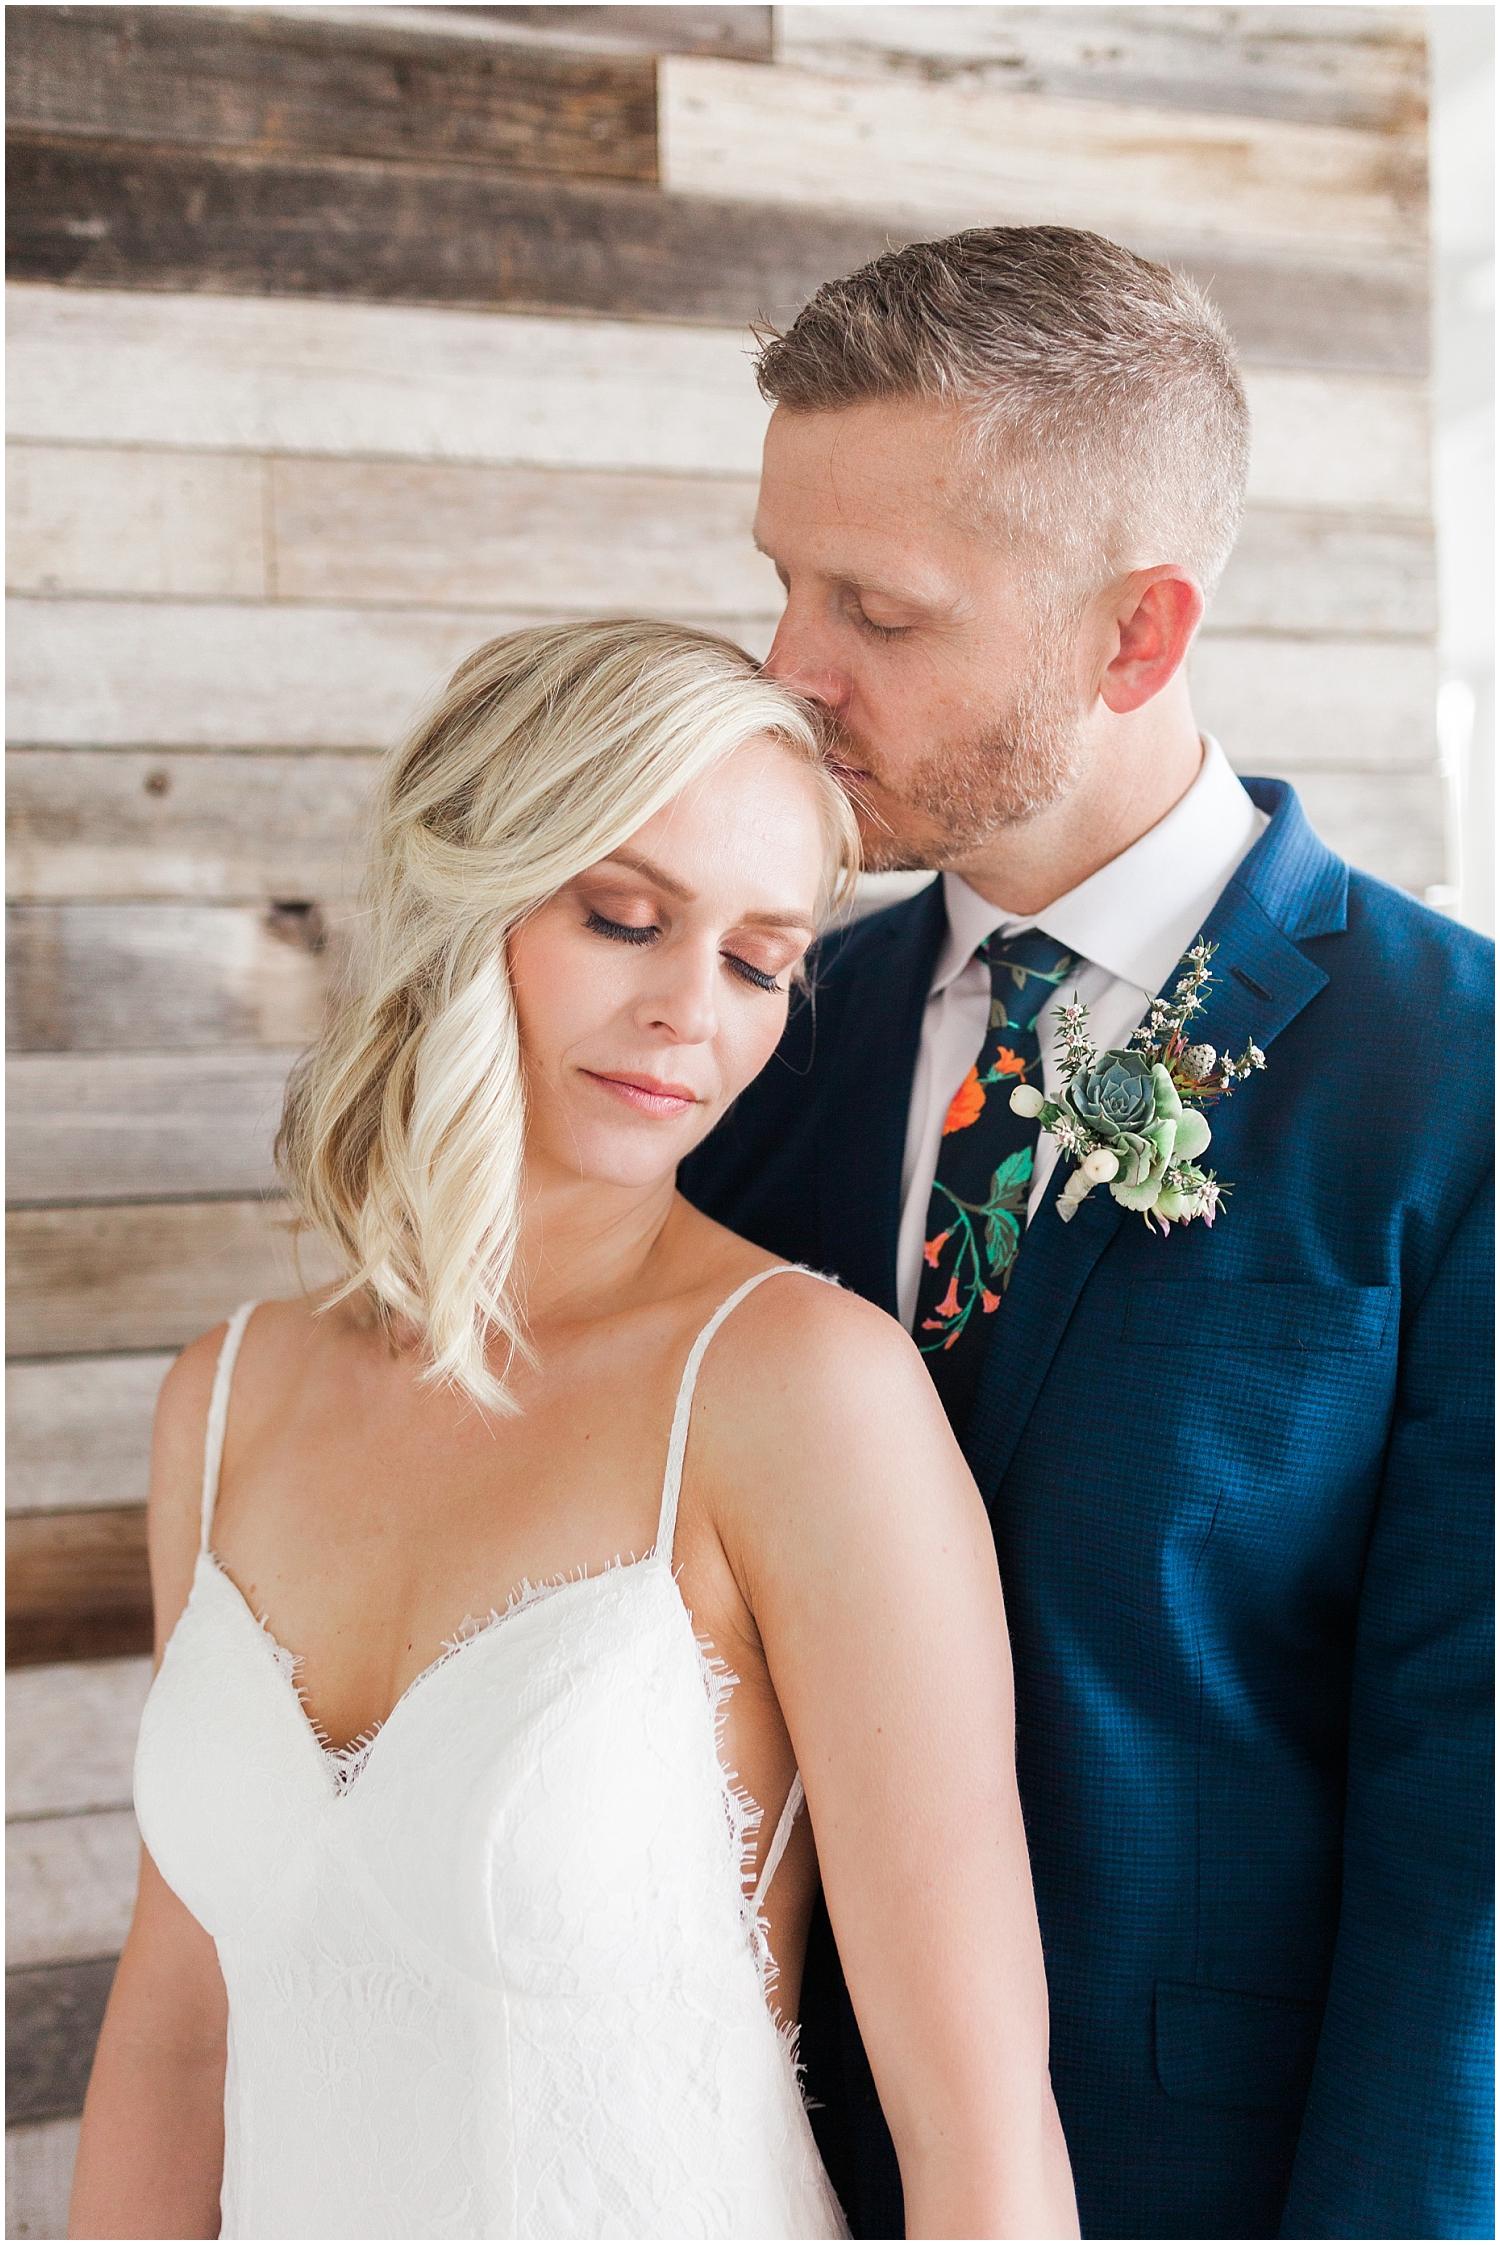 Bonneville Salt Flats Bridals-Ryan & Rachael-Rachel Reyes Photography_0167.jpg